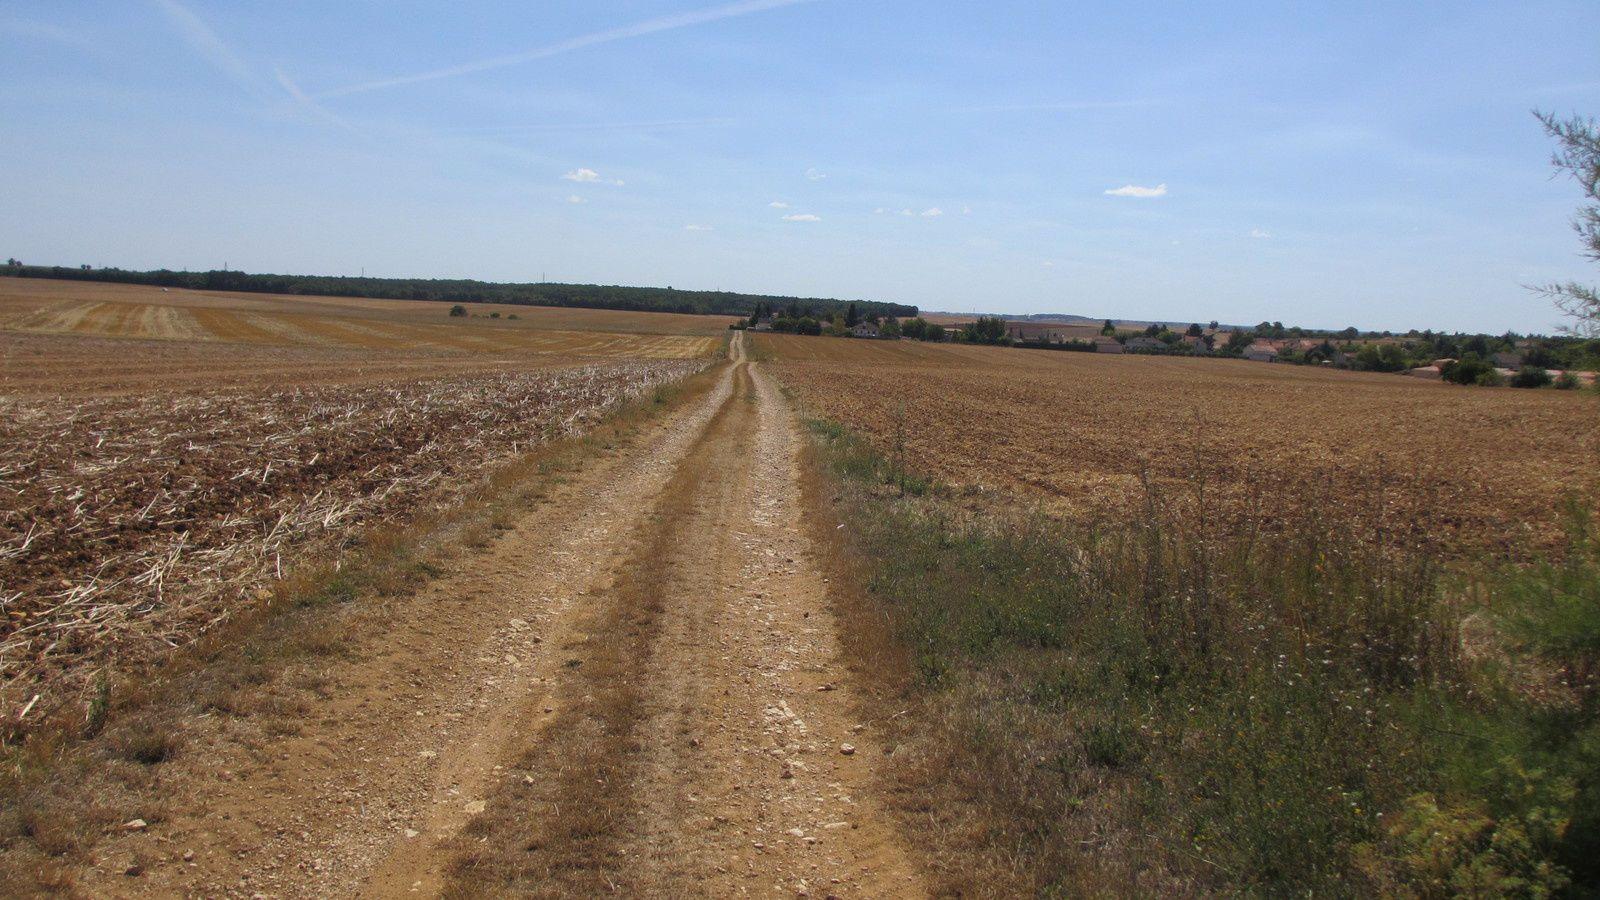 La voie romaine en arrivant sur Poitiers - le VTT y est fortement recommandé.